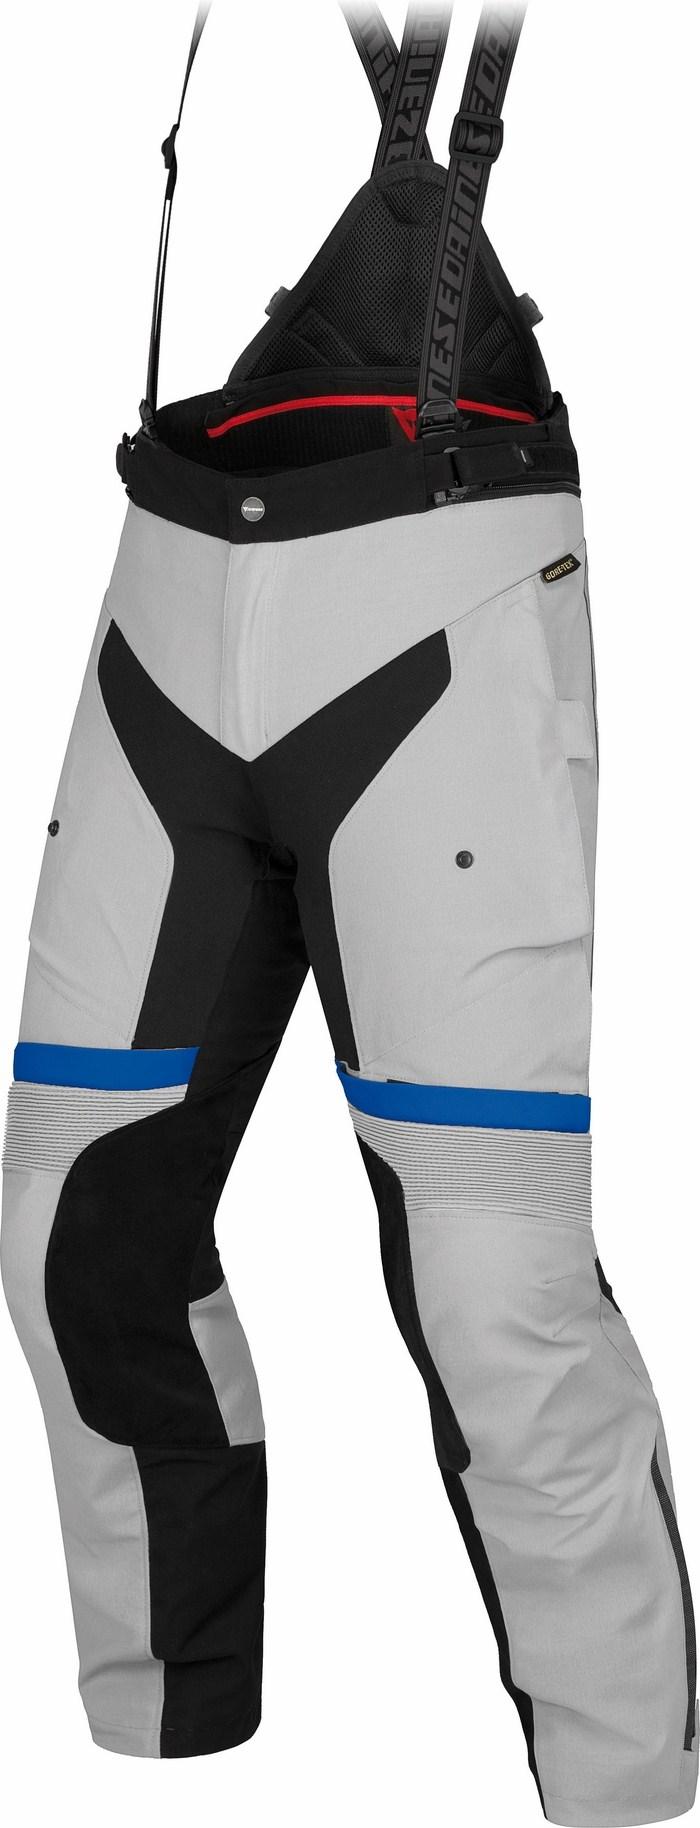 Pants Dainese Talos GoreTex Black Blue High rise